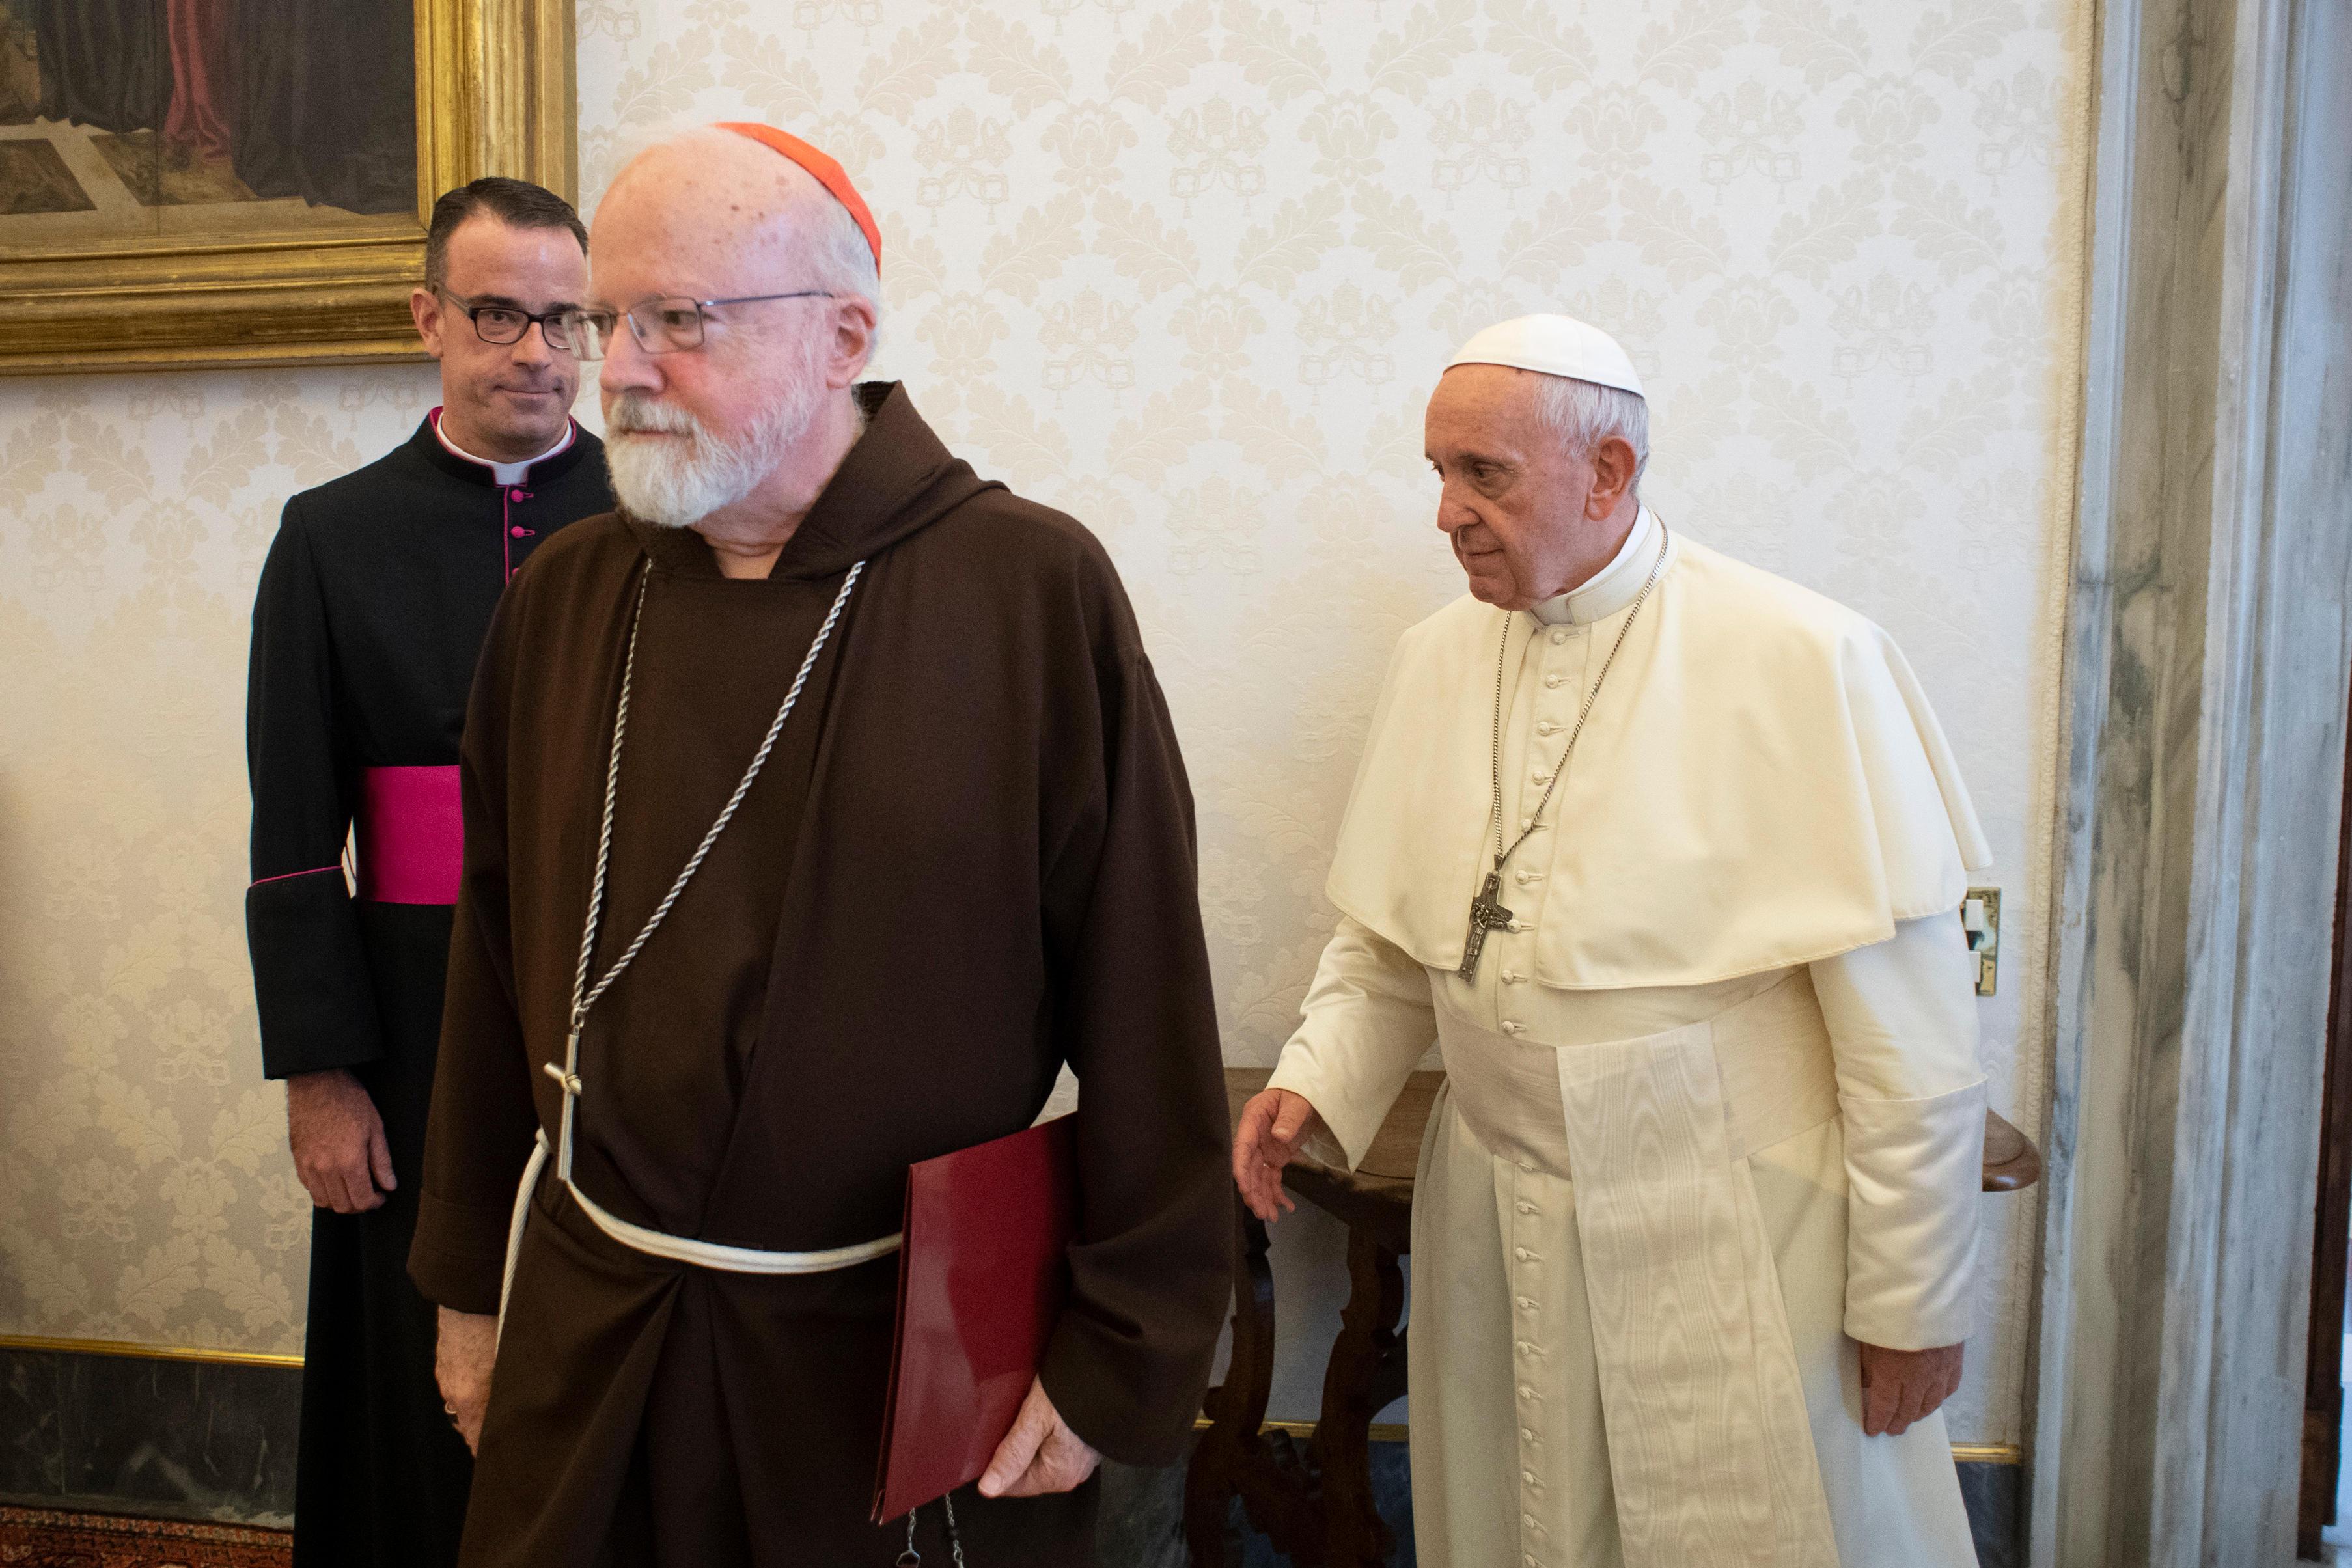 Cardinal VA Single Gay Men